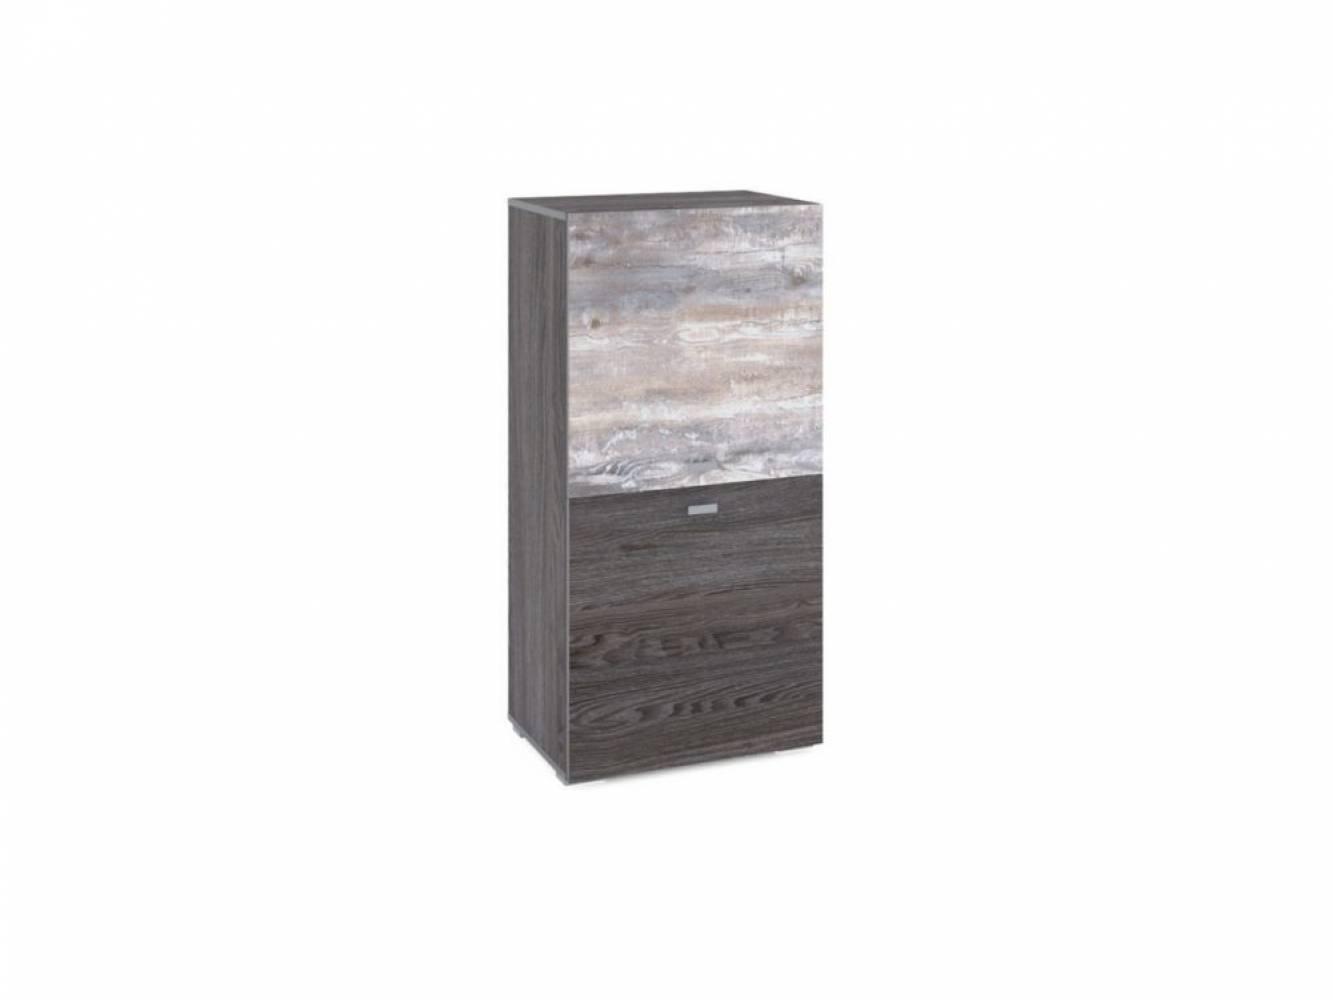 Шкаф комбинированный НМ 011.43 URBAN (Ясень Анкор темный/Бетон Пайн темный)